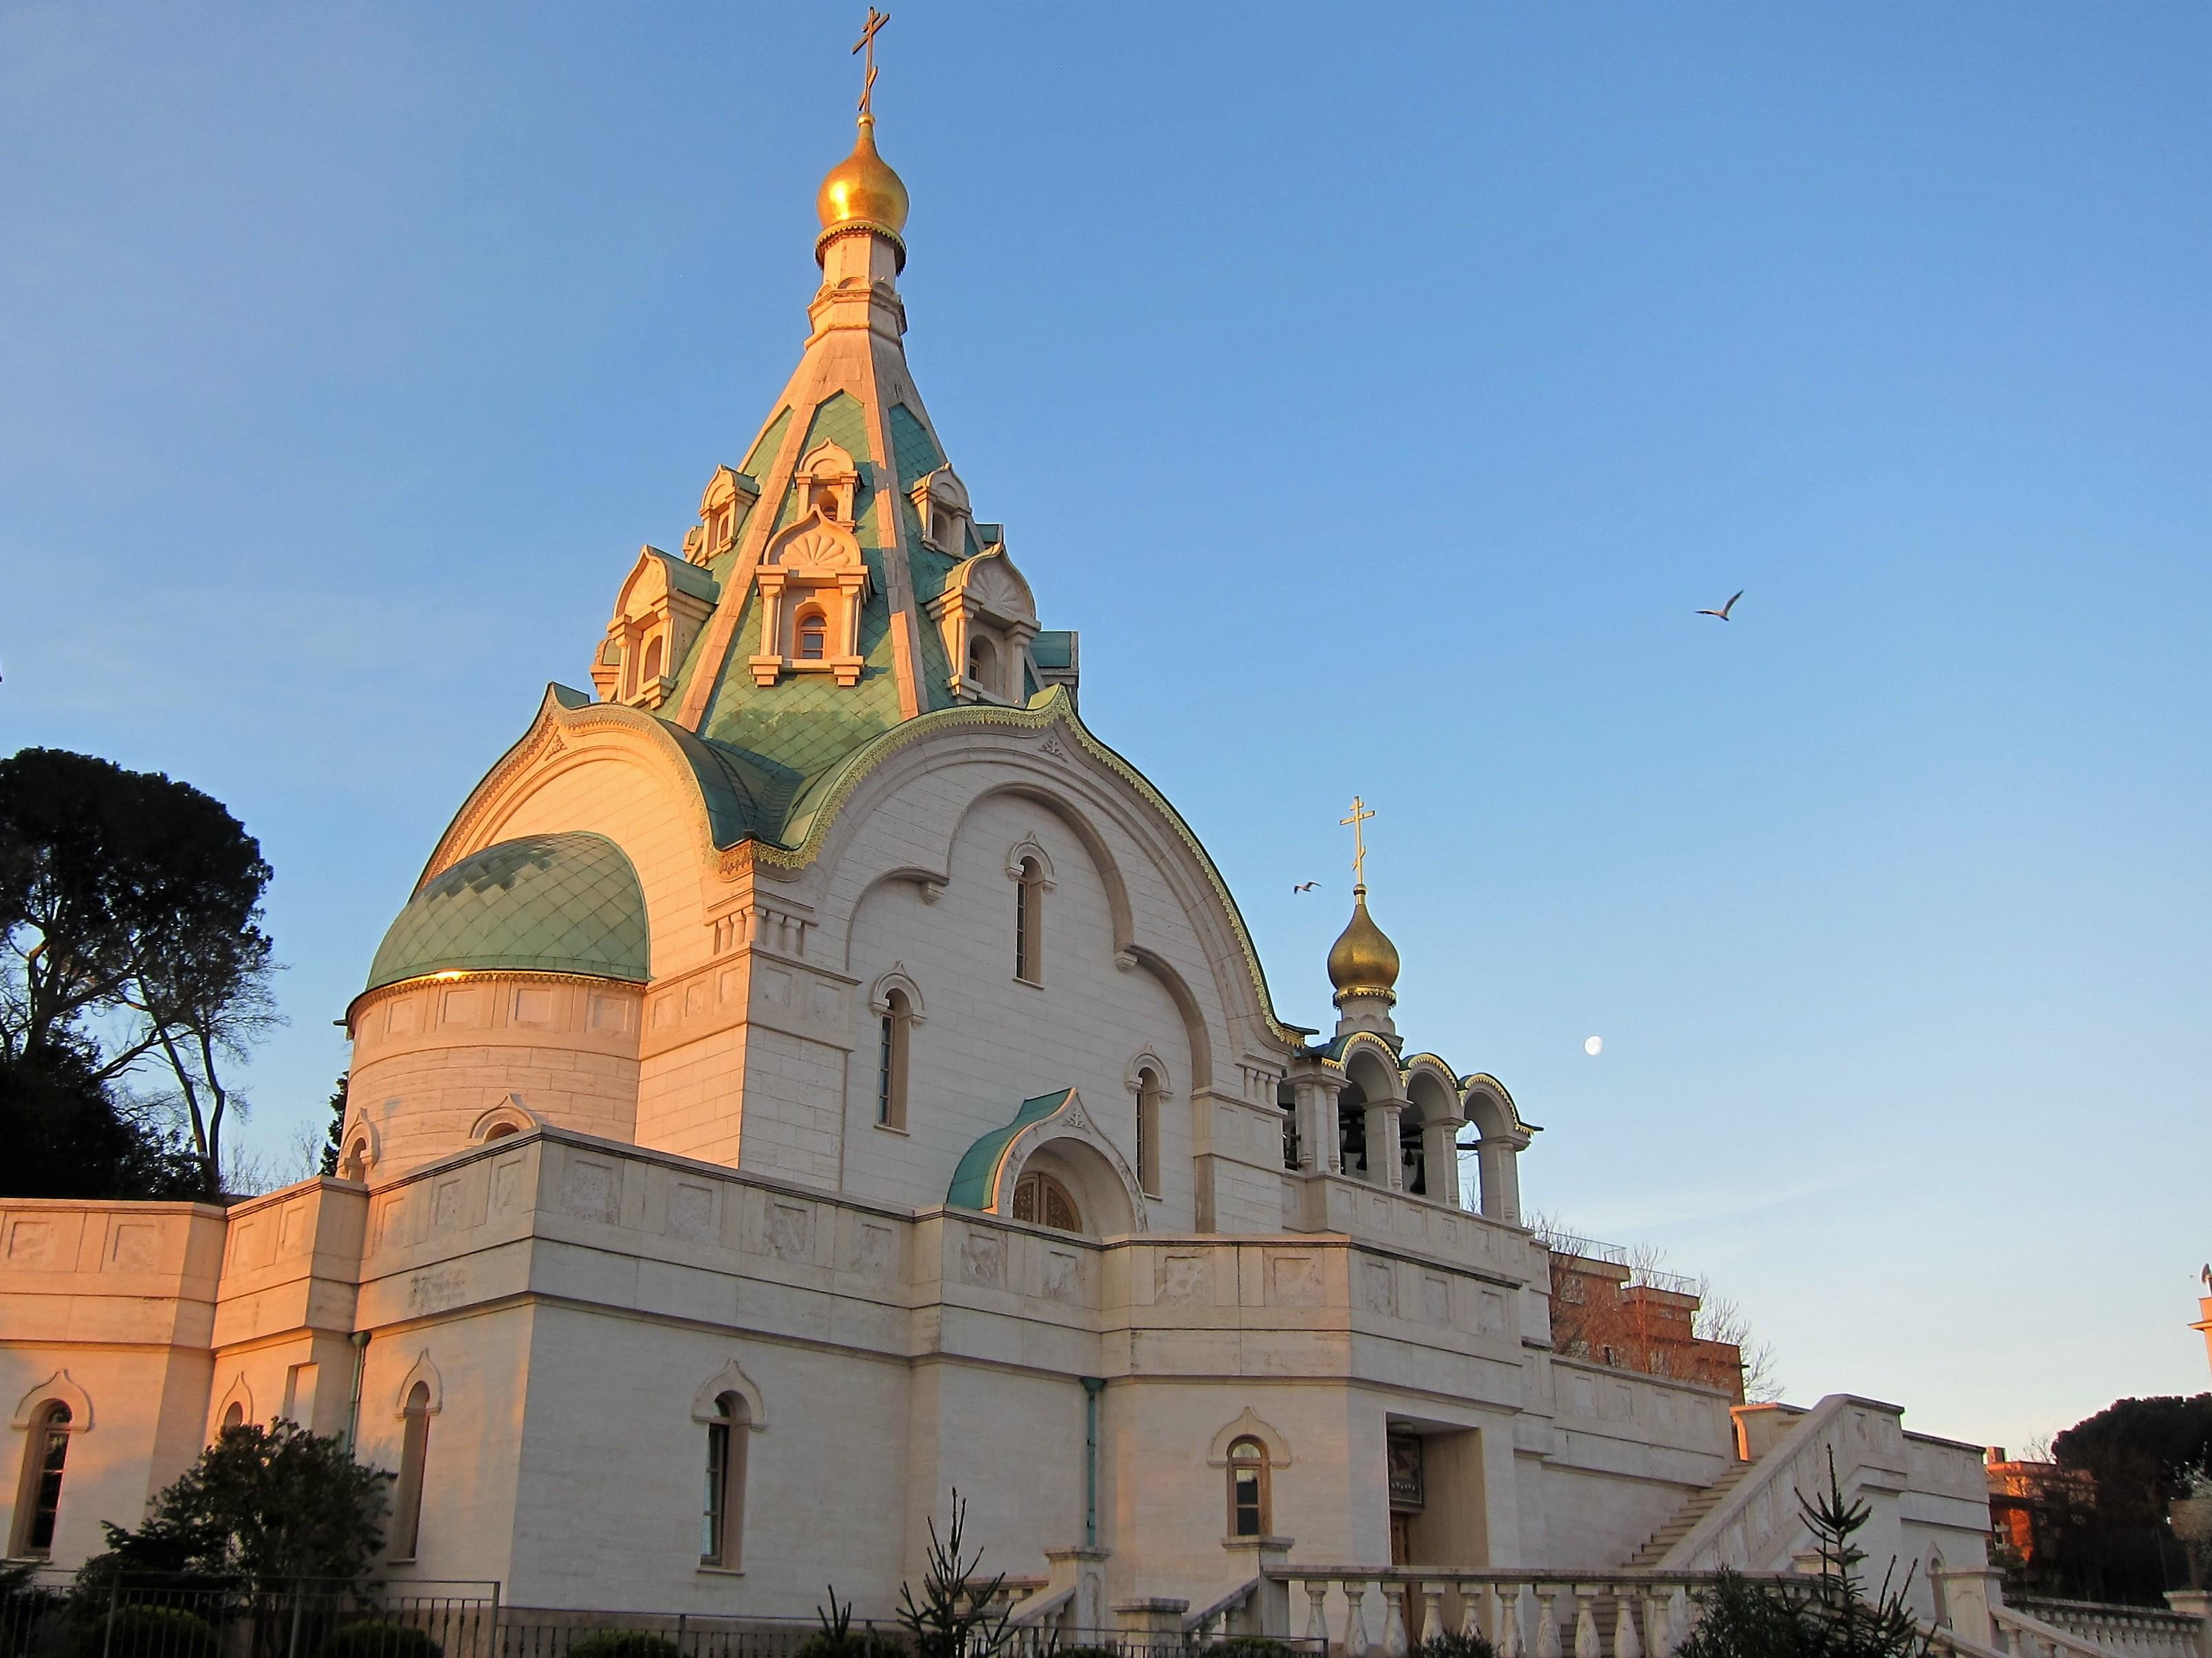 Näkymä ikkunastamme venäläis-ortodoksiselle kirkolle